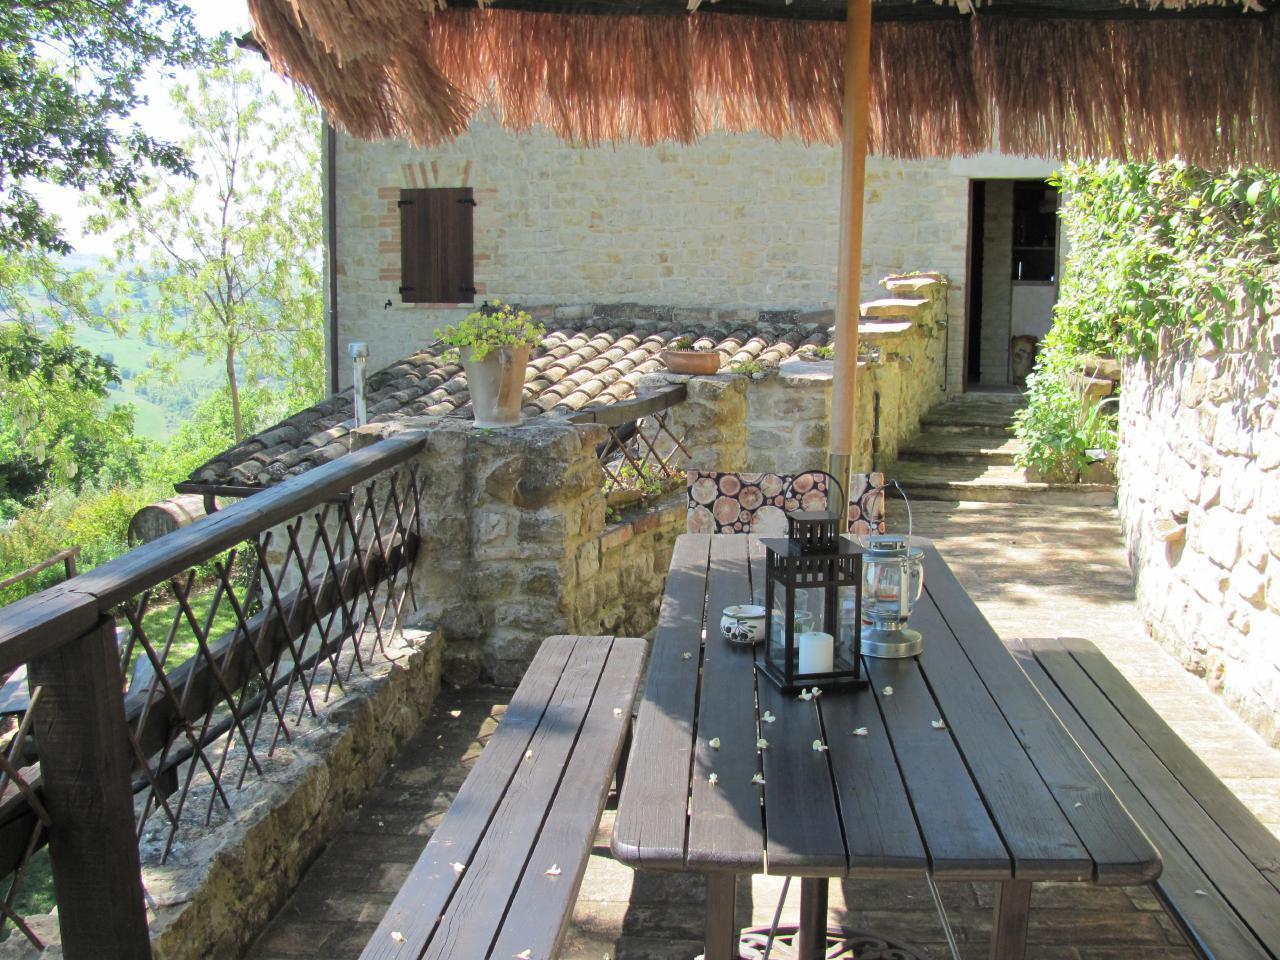 Ferienwohnung Old House - Romantische Wohnung in Villa (1344544), Penna San Giovanni, Macerata, Marken, Italien, Bild 1